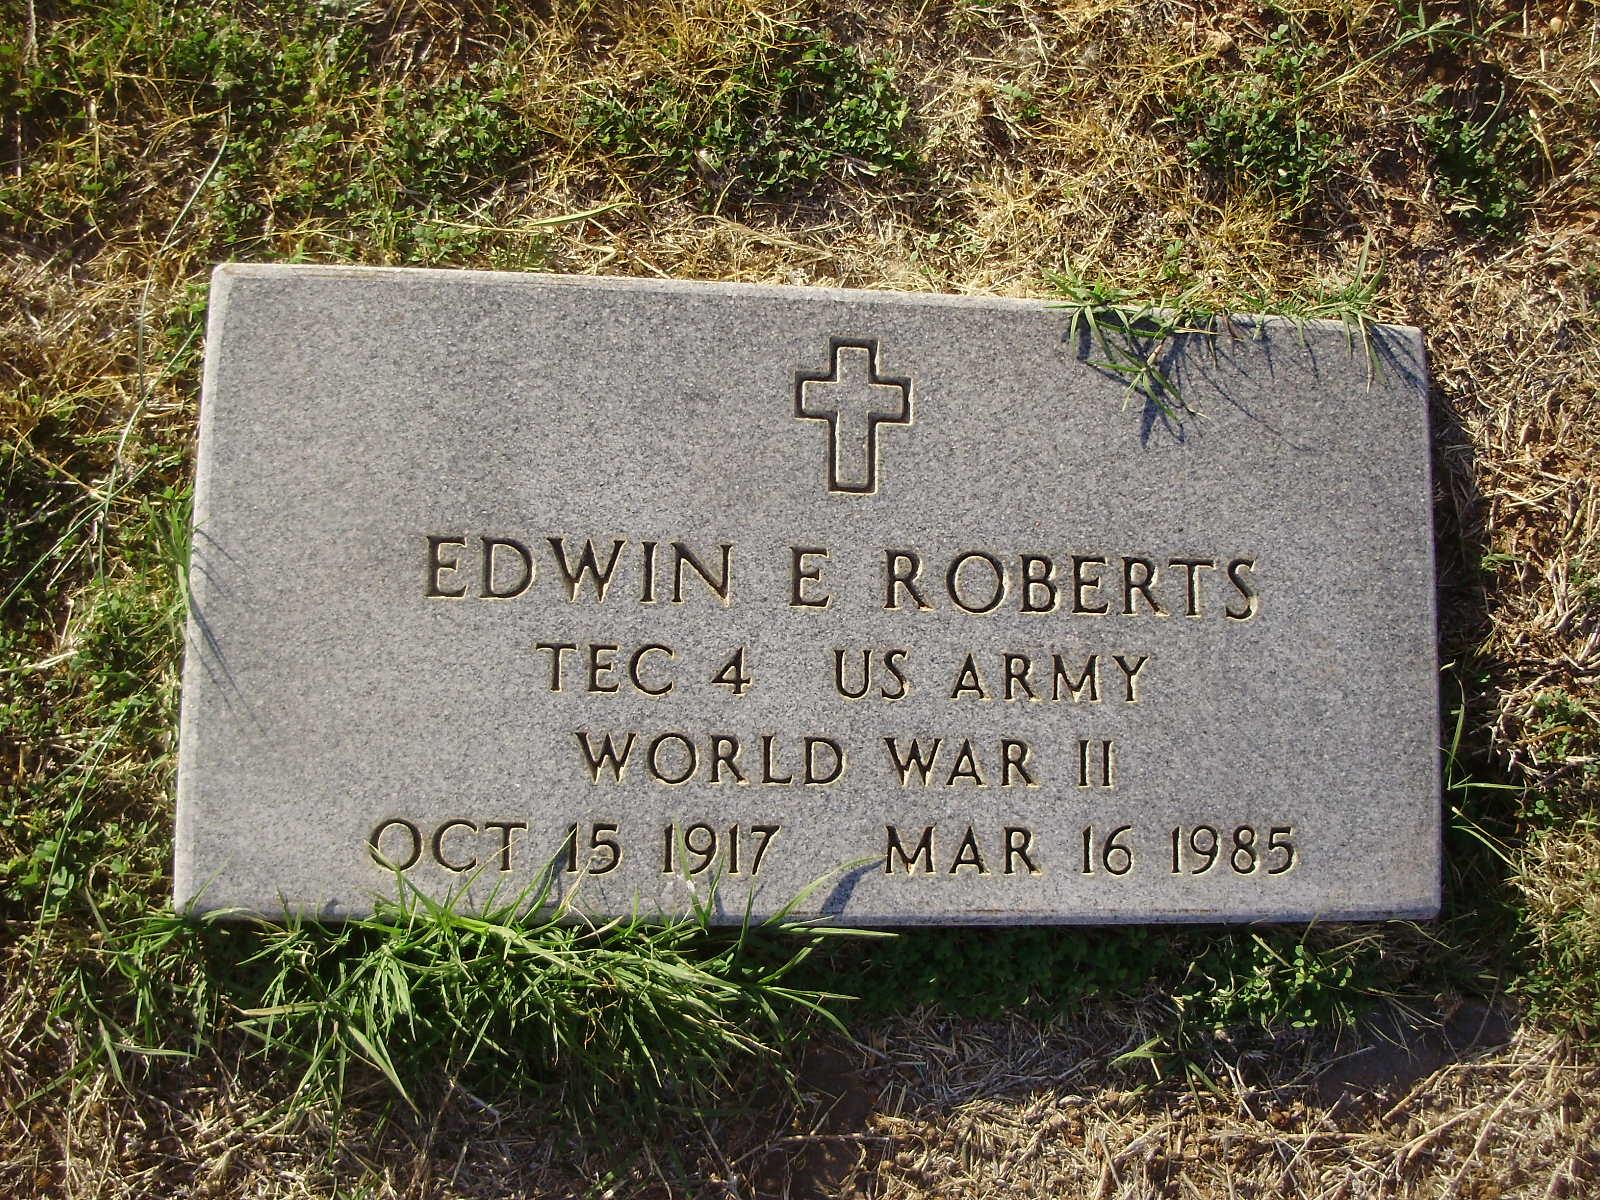 Edwin E Roberts